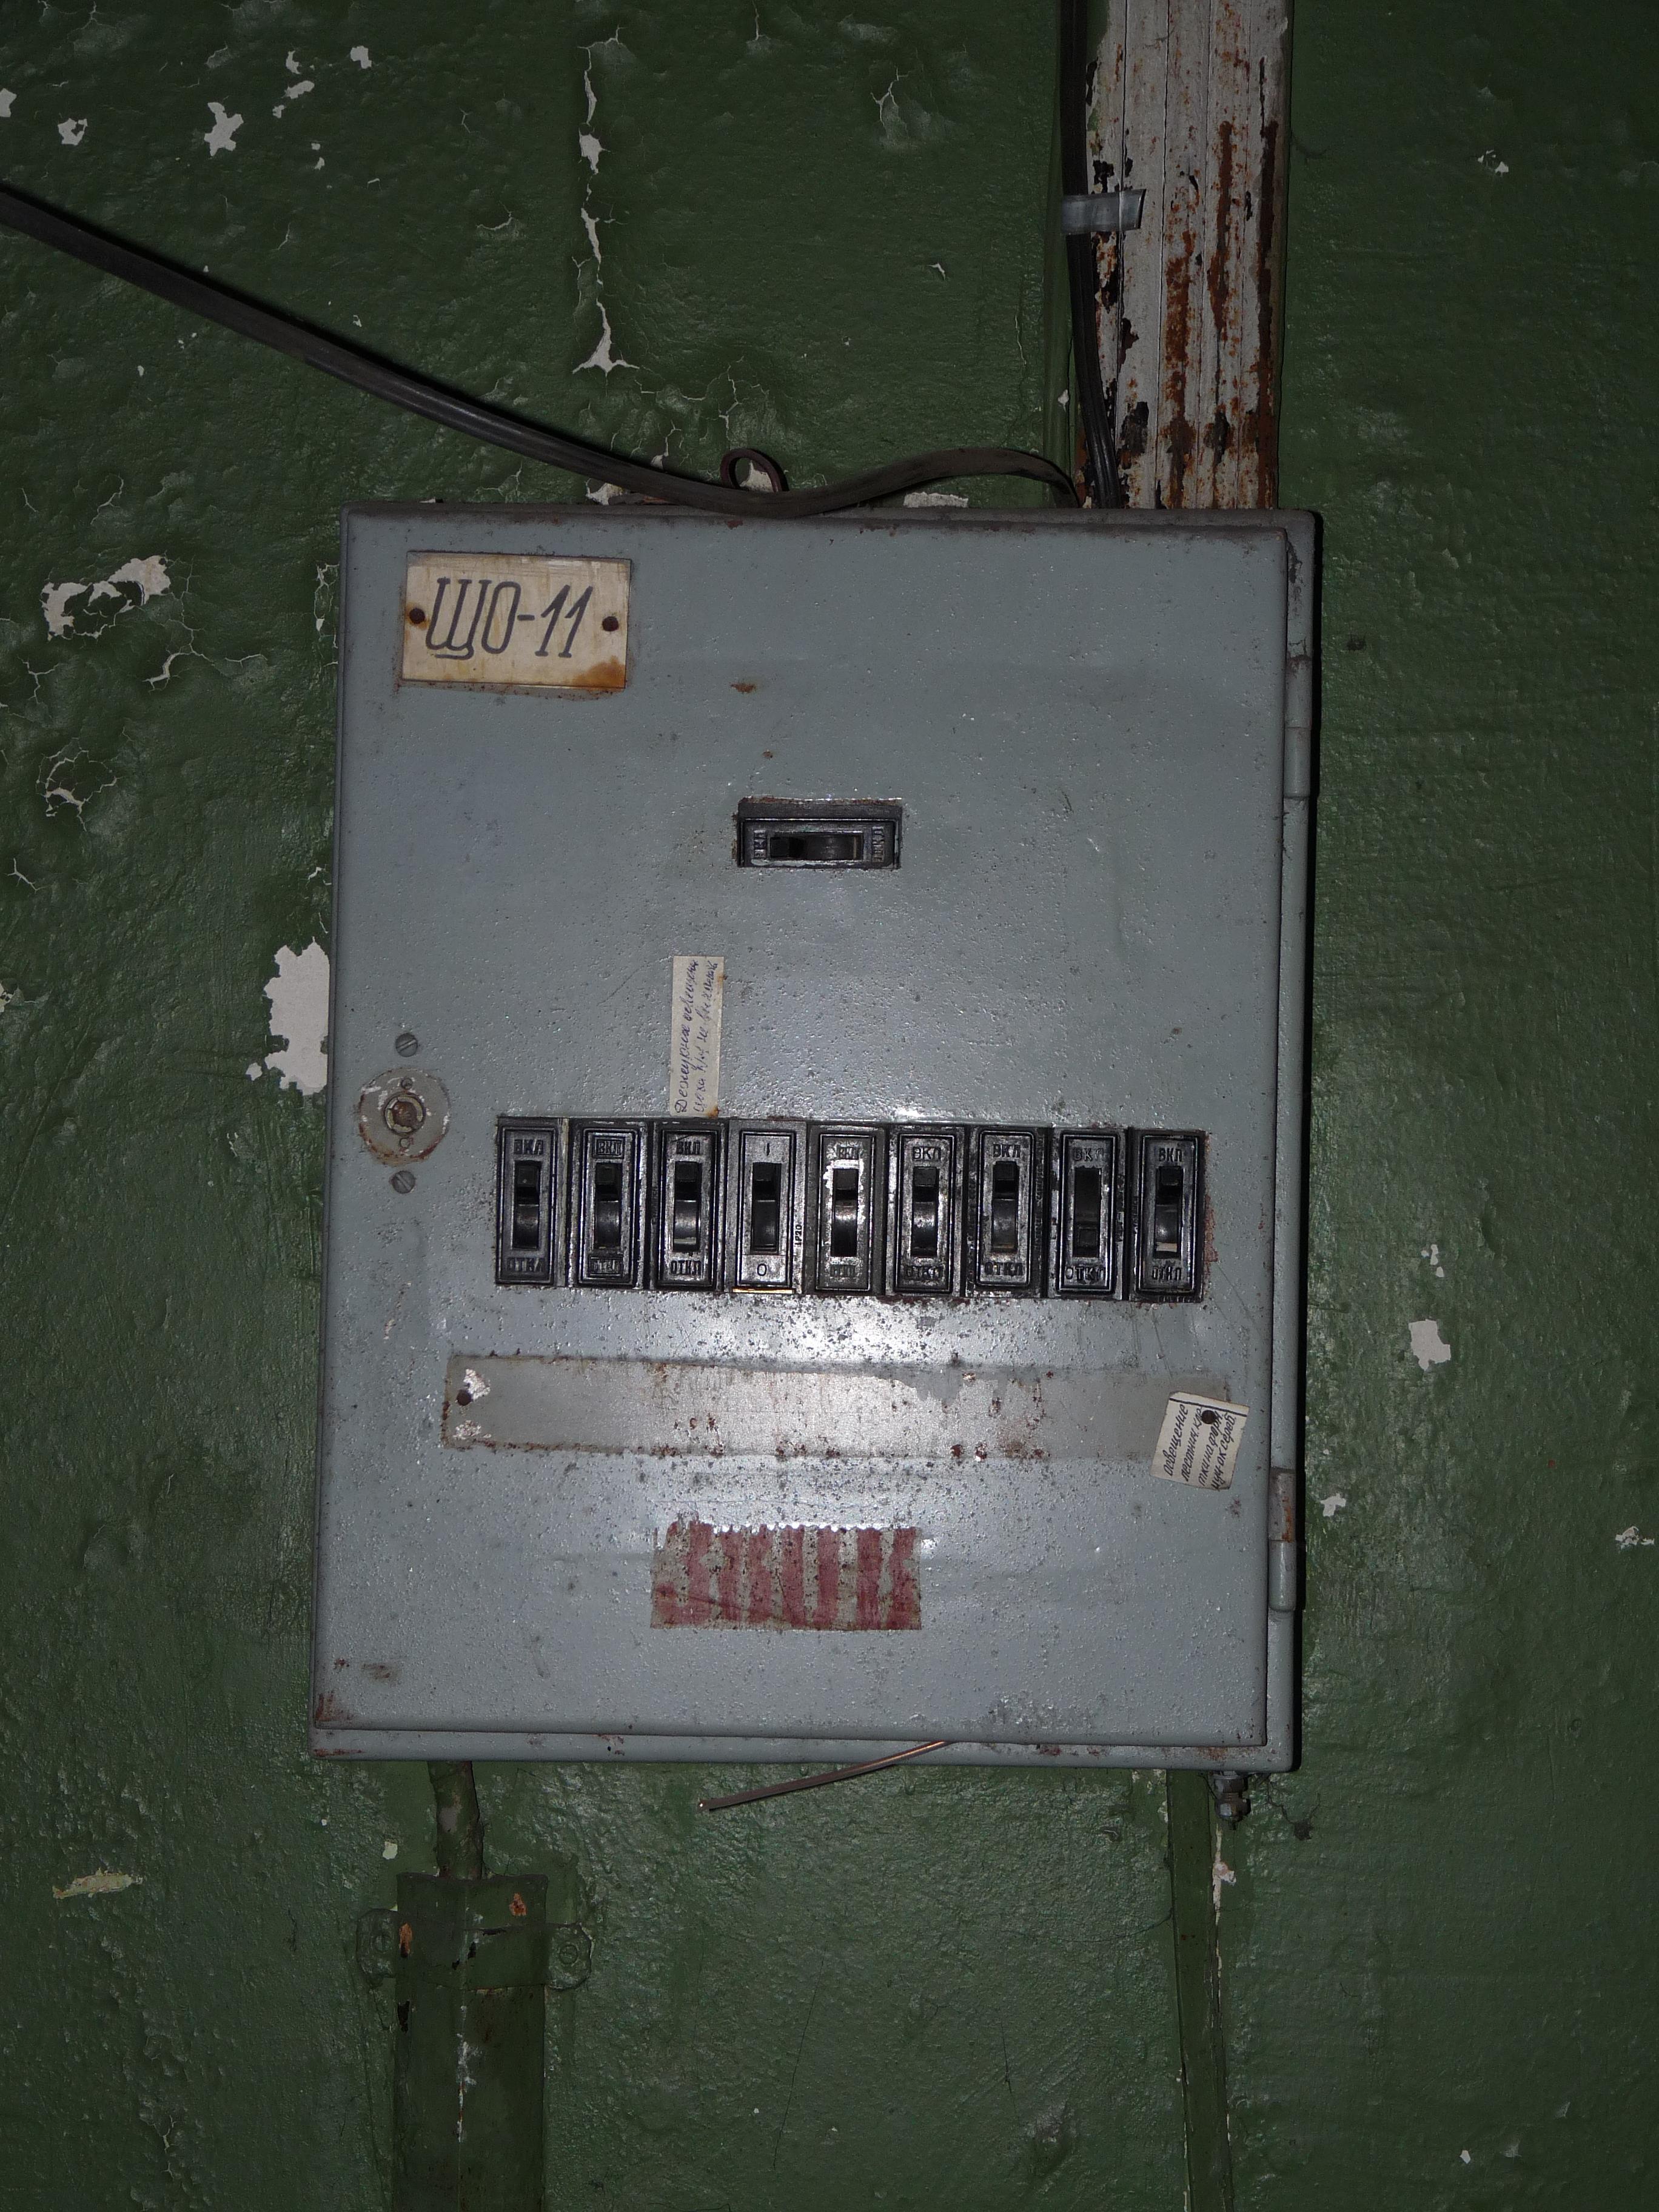 File:EU-EE-TLN-PT-Telliskivi-old Soviet fuse box